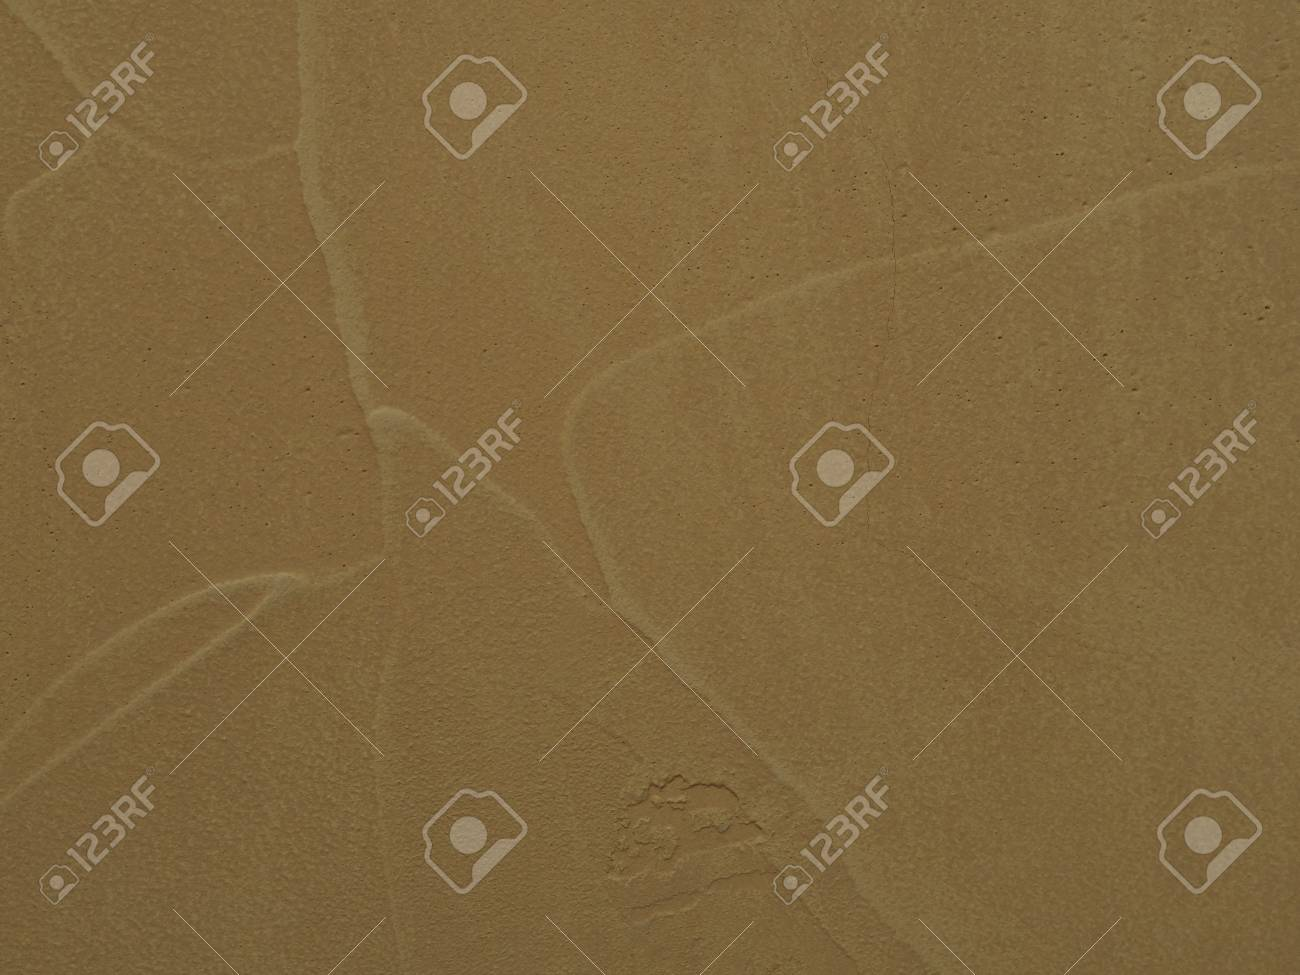 Una texture in ceramica da un pavimento foto royalty free